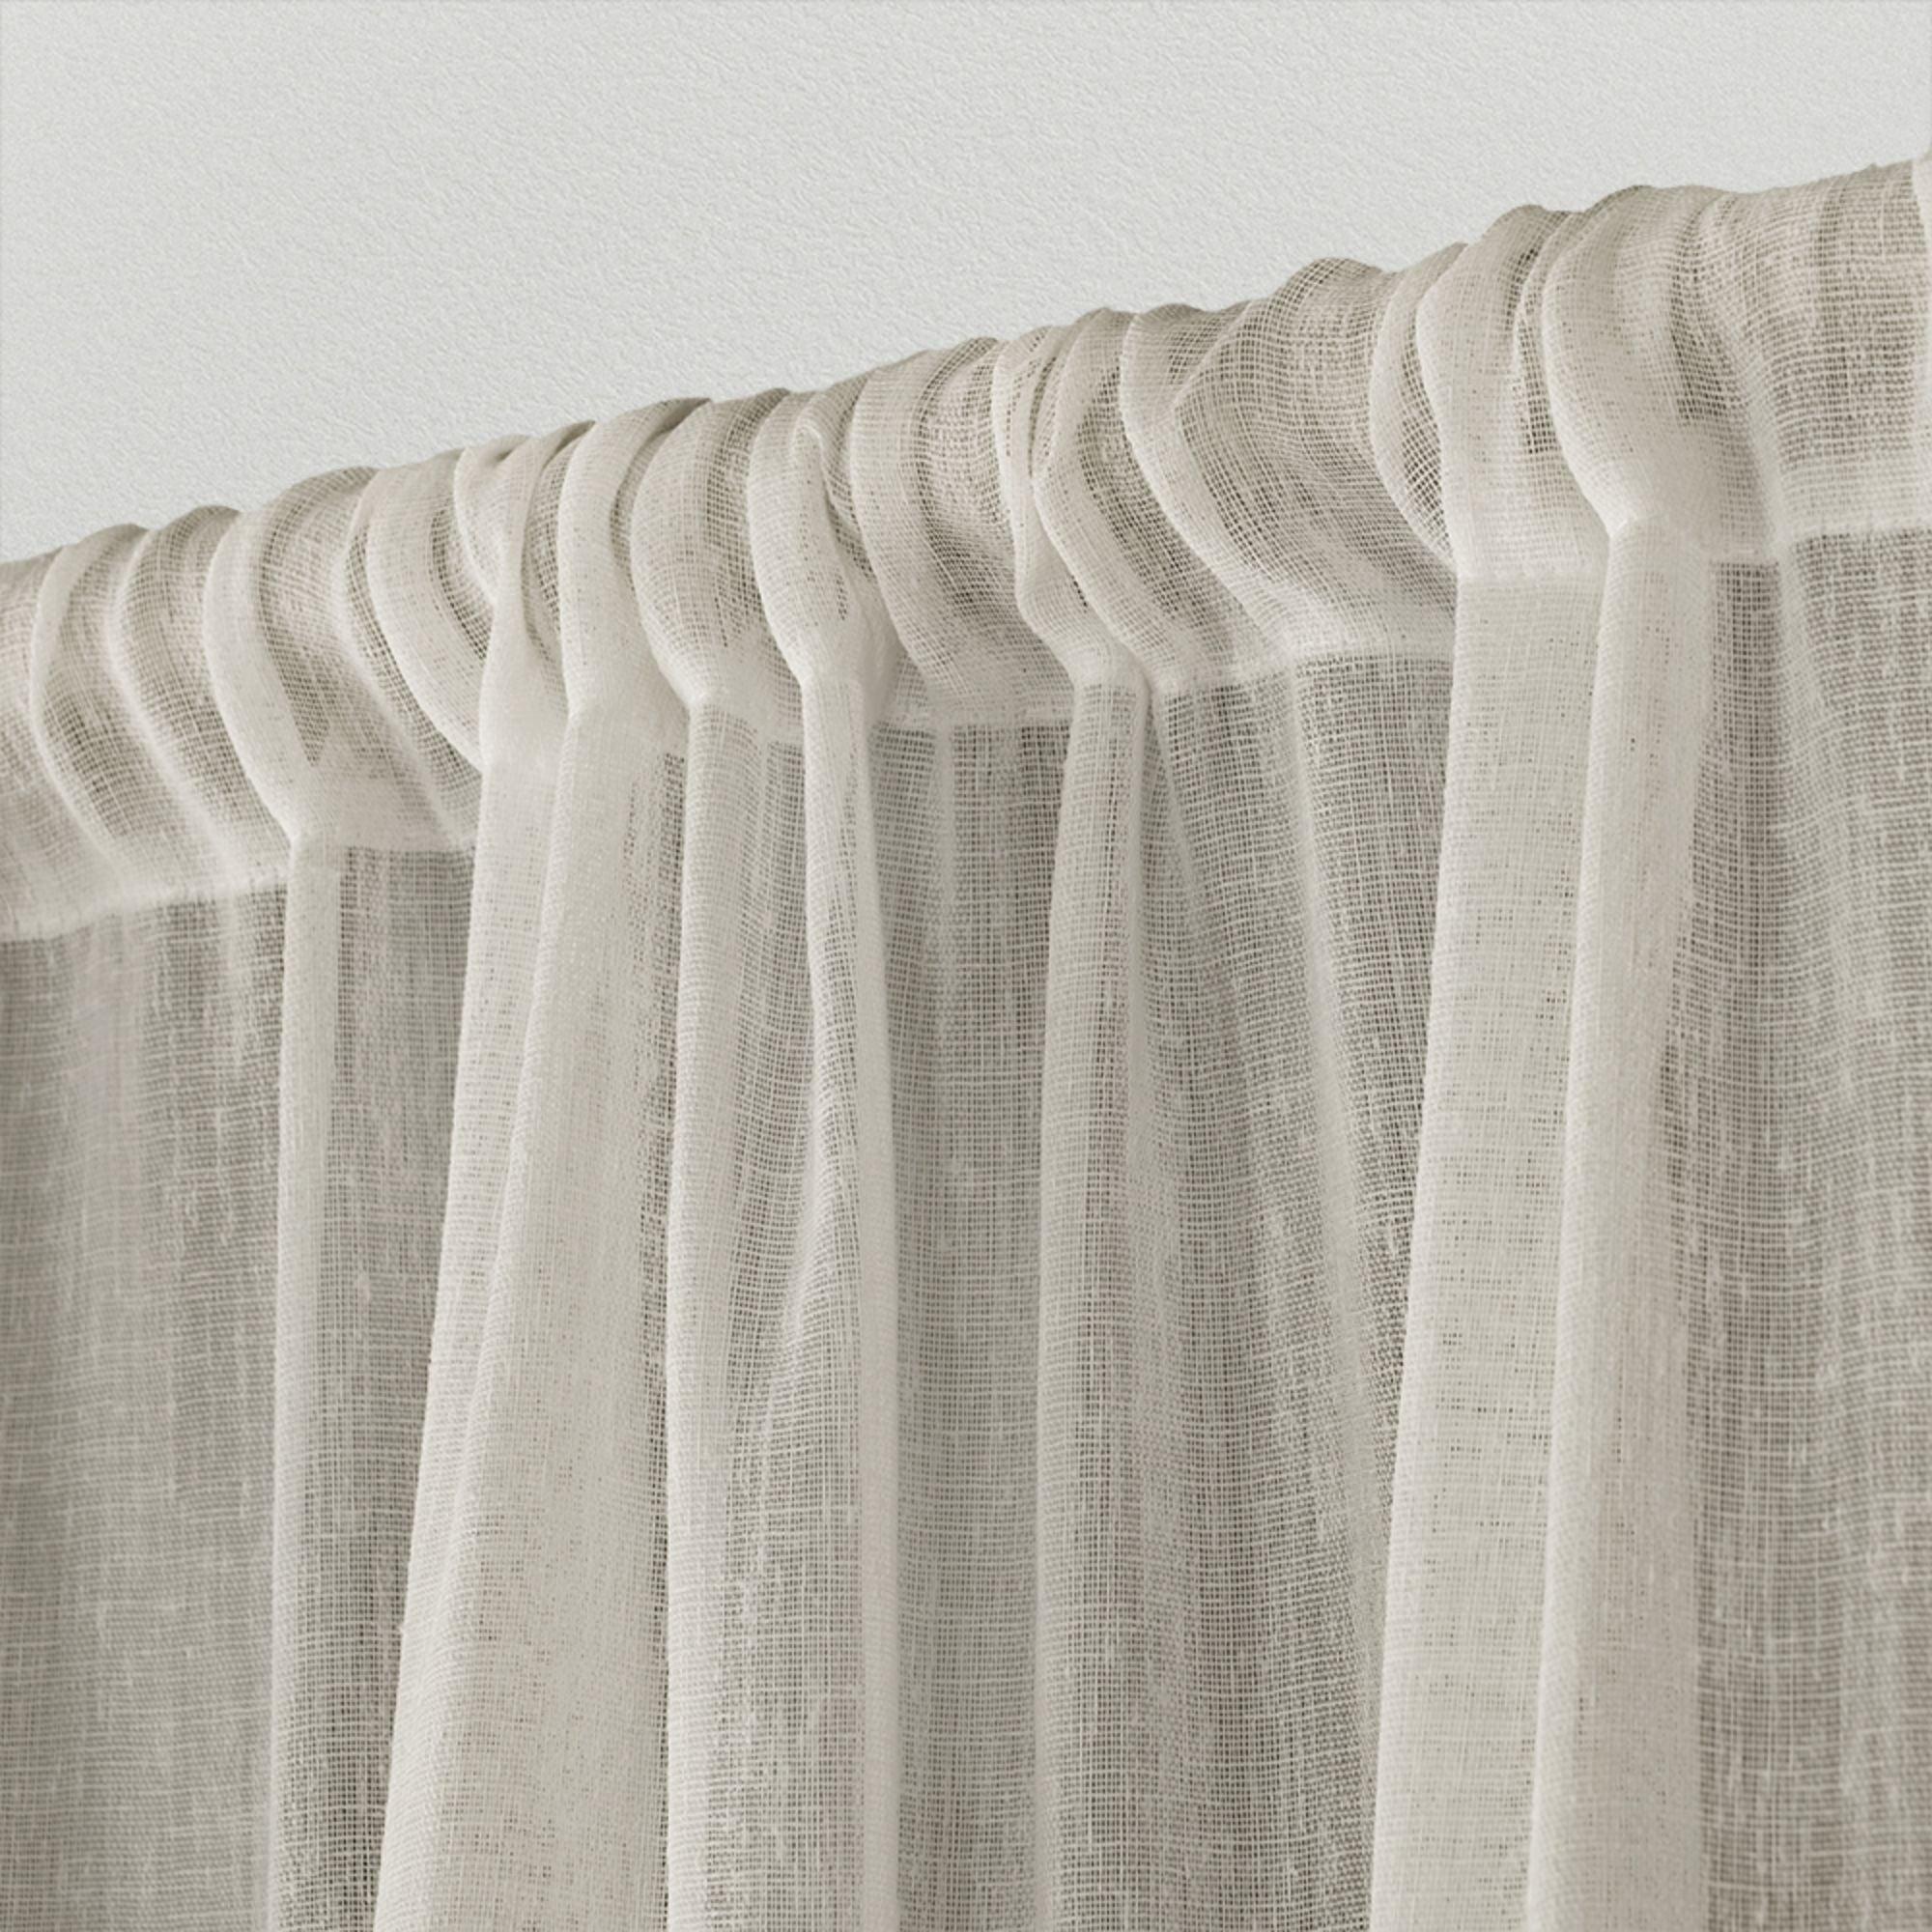 Ati Home Belgian Sheer Window Curtain Panel Pair With Rod Pocket With Belgian Sheer Window Curtain Panel Pairs With Rod Pocket (View 6 of 20)